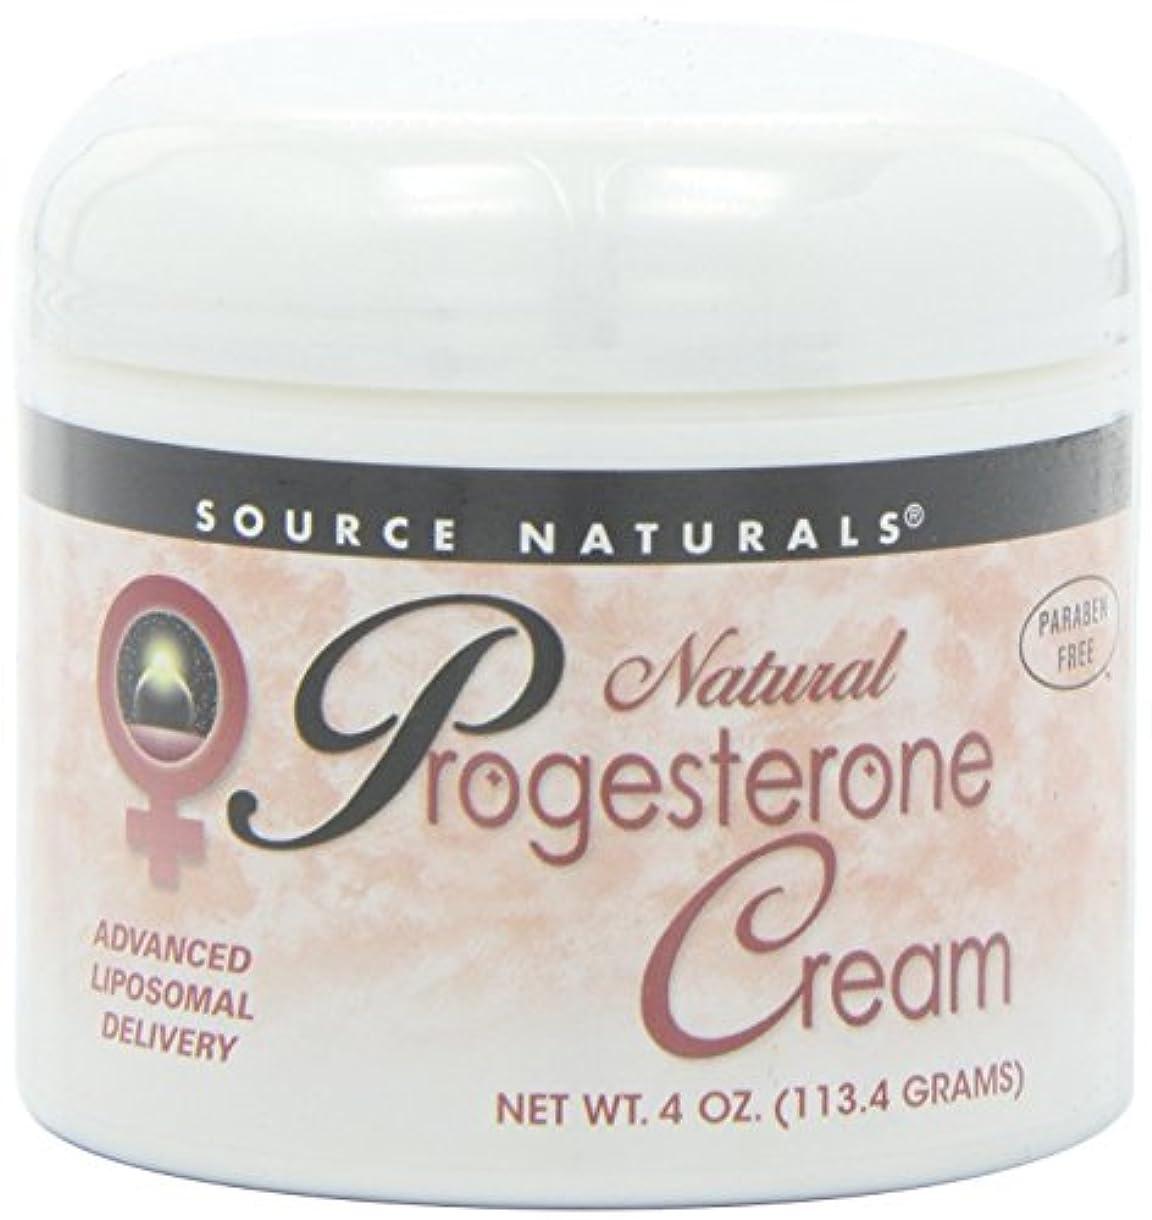 深遠浅いベッドSource Naturals Natural Progesterone Cream, 4 Ounce (113.4 g) クリーム 並行輸入品 [並行輸入品]